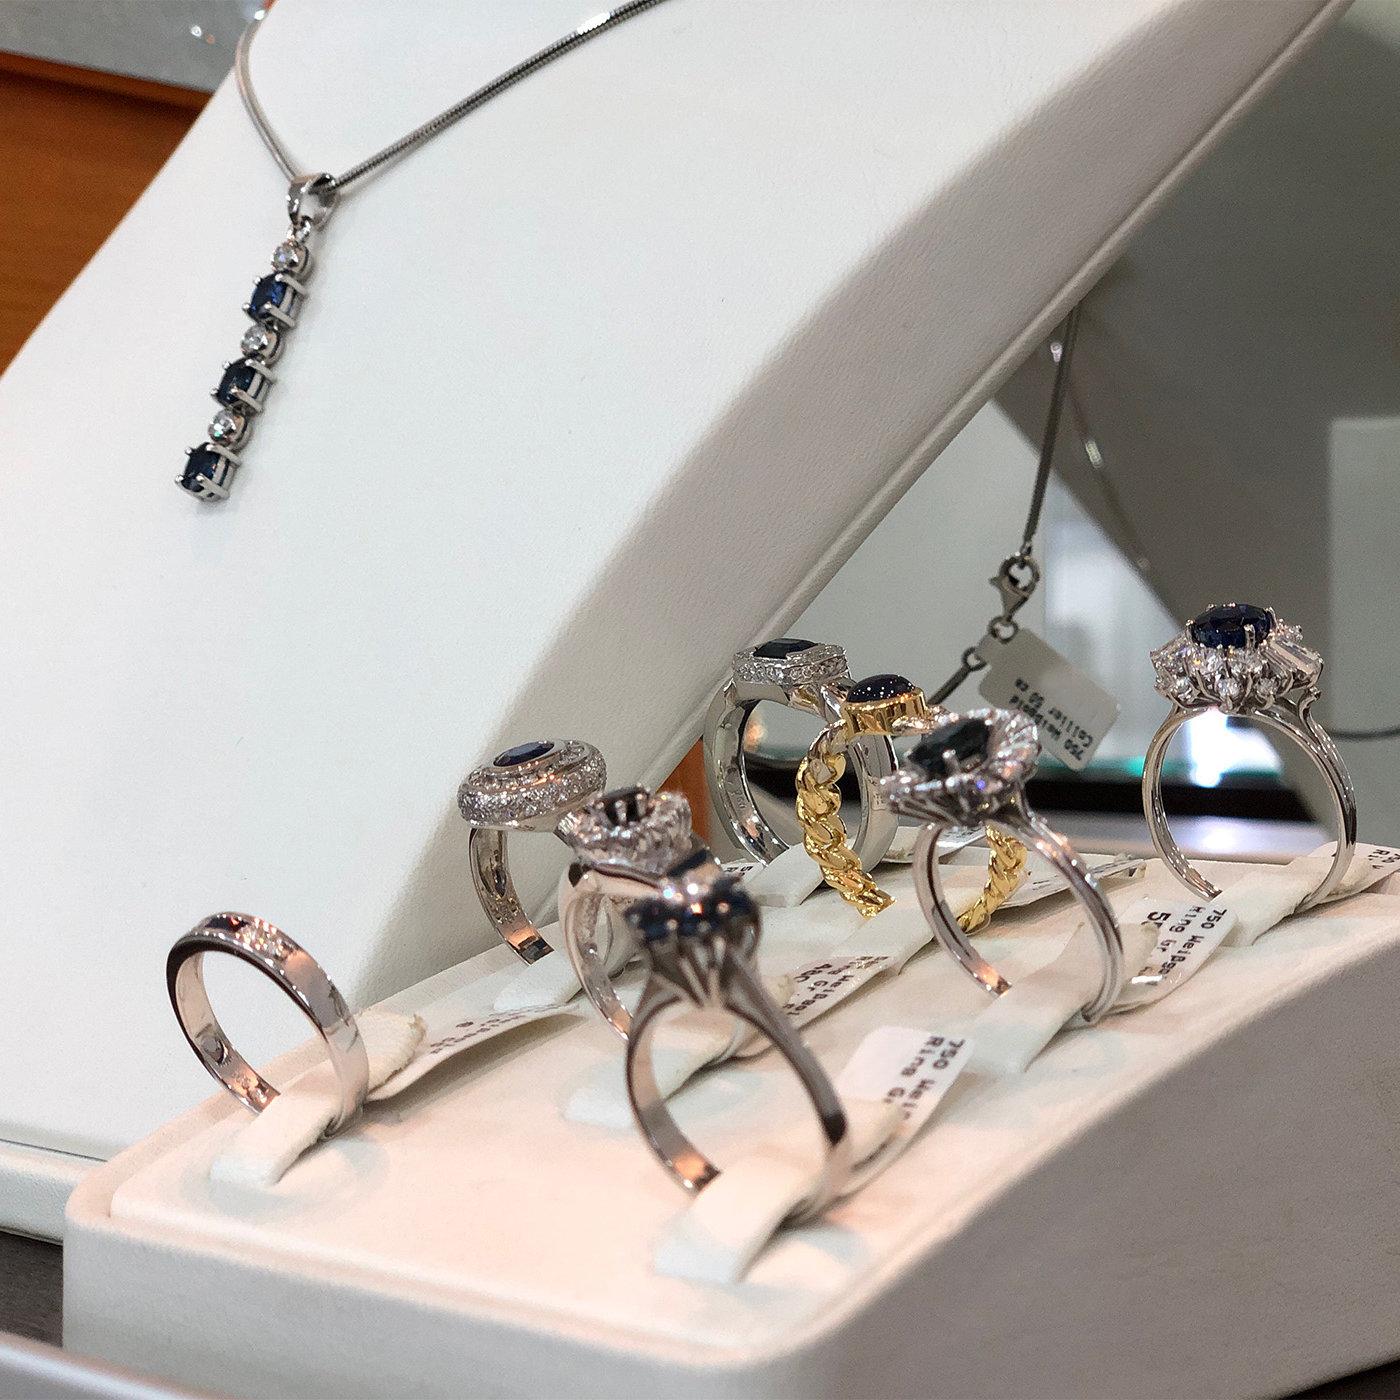 juwelier_areo_schmuck_ketten_perlenketten_edelsteine_diamanten_schmuckgeschäft_ernstes_design_cluse_paul_hewitt_engelsrufer_son_of_noa_joanli_nor